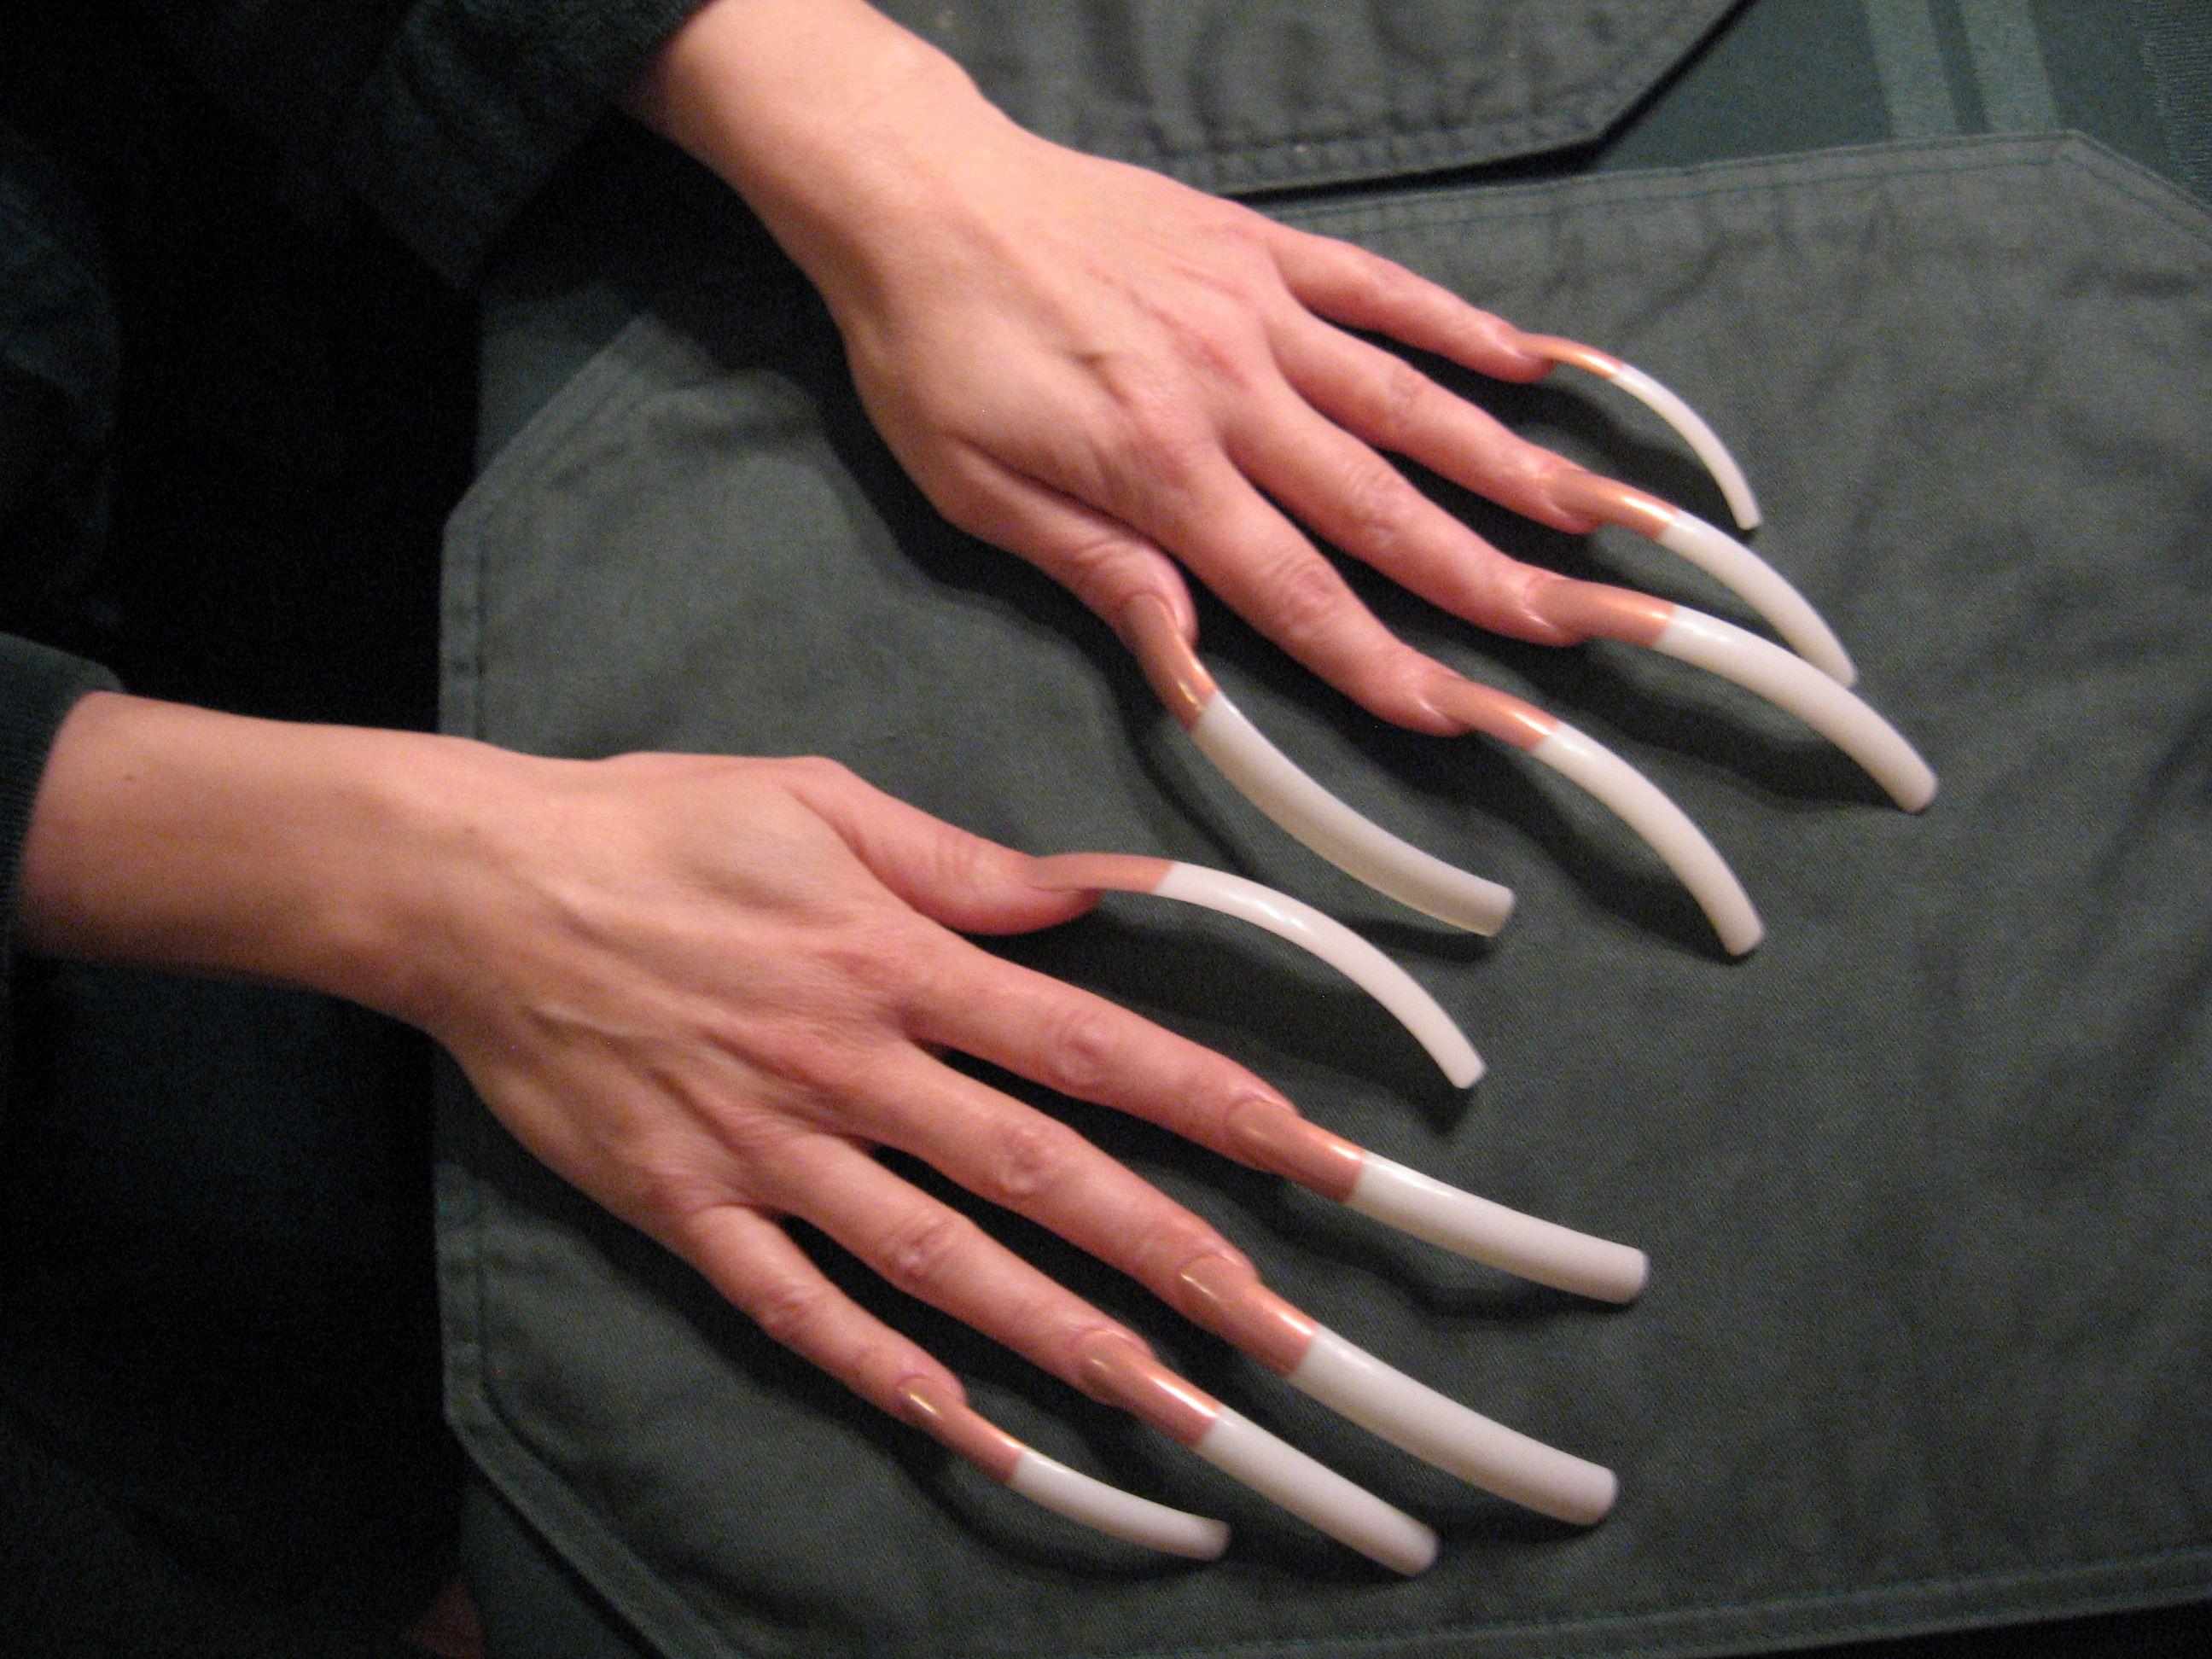 Pin On Pj S Nails